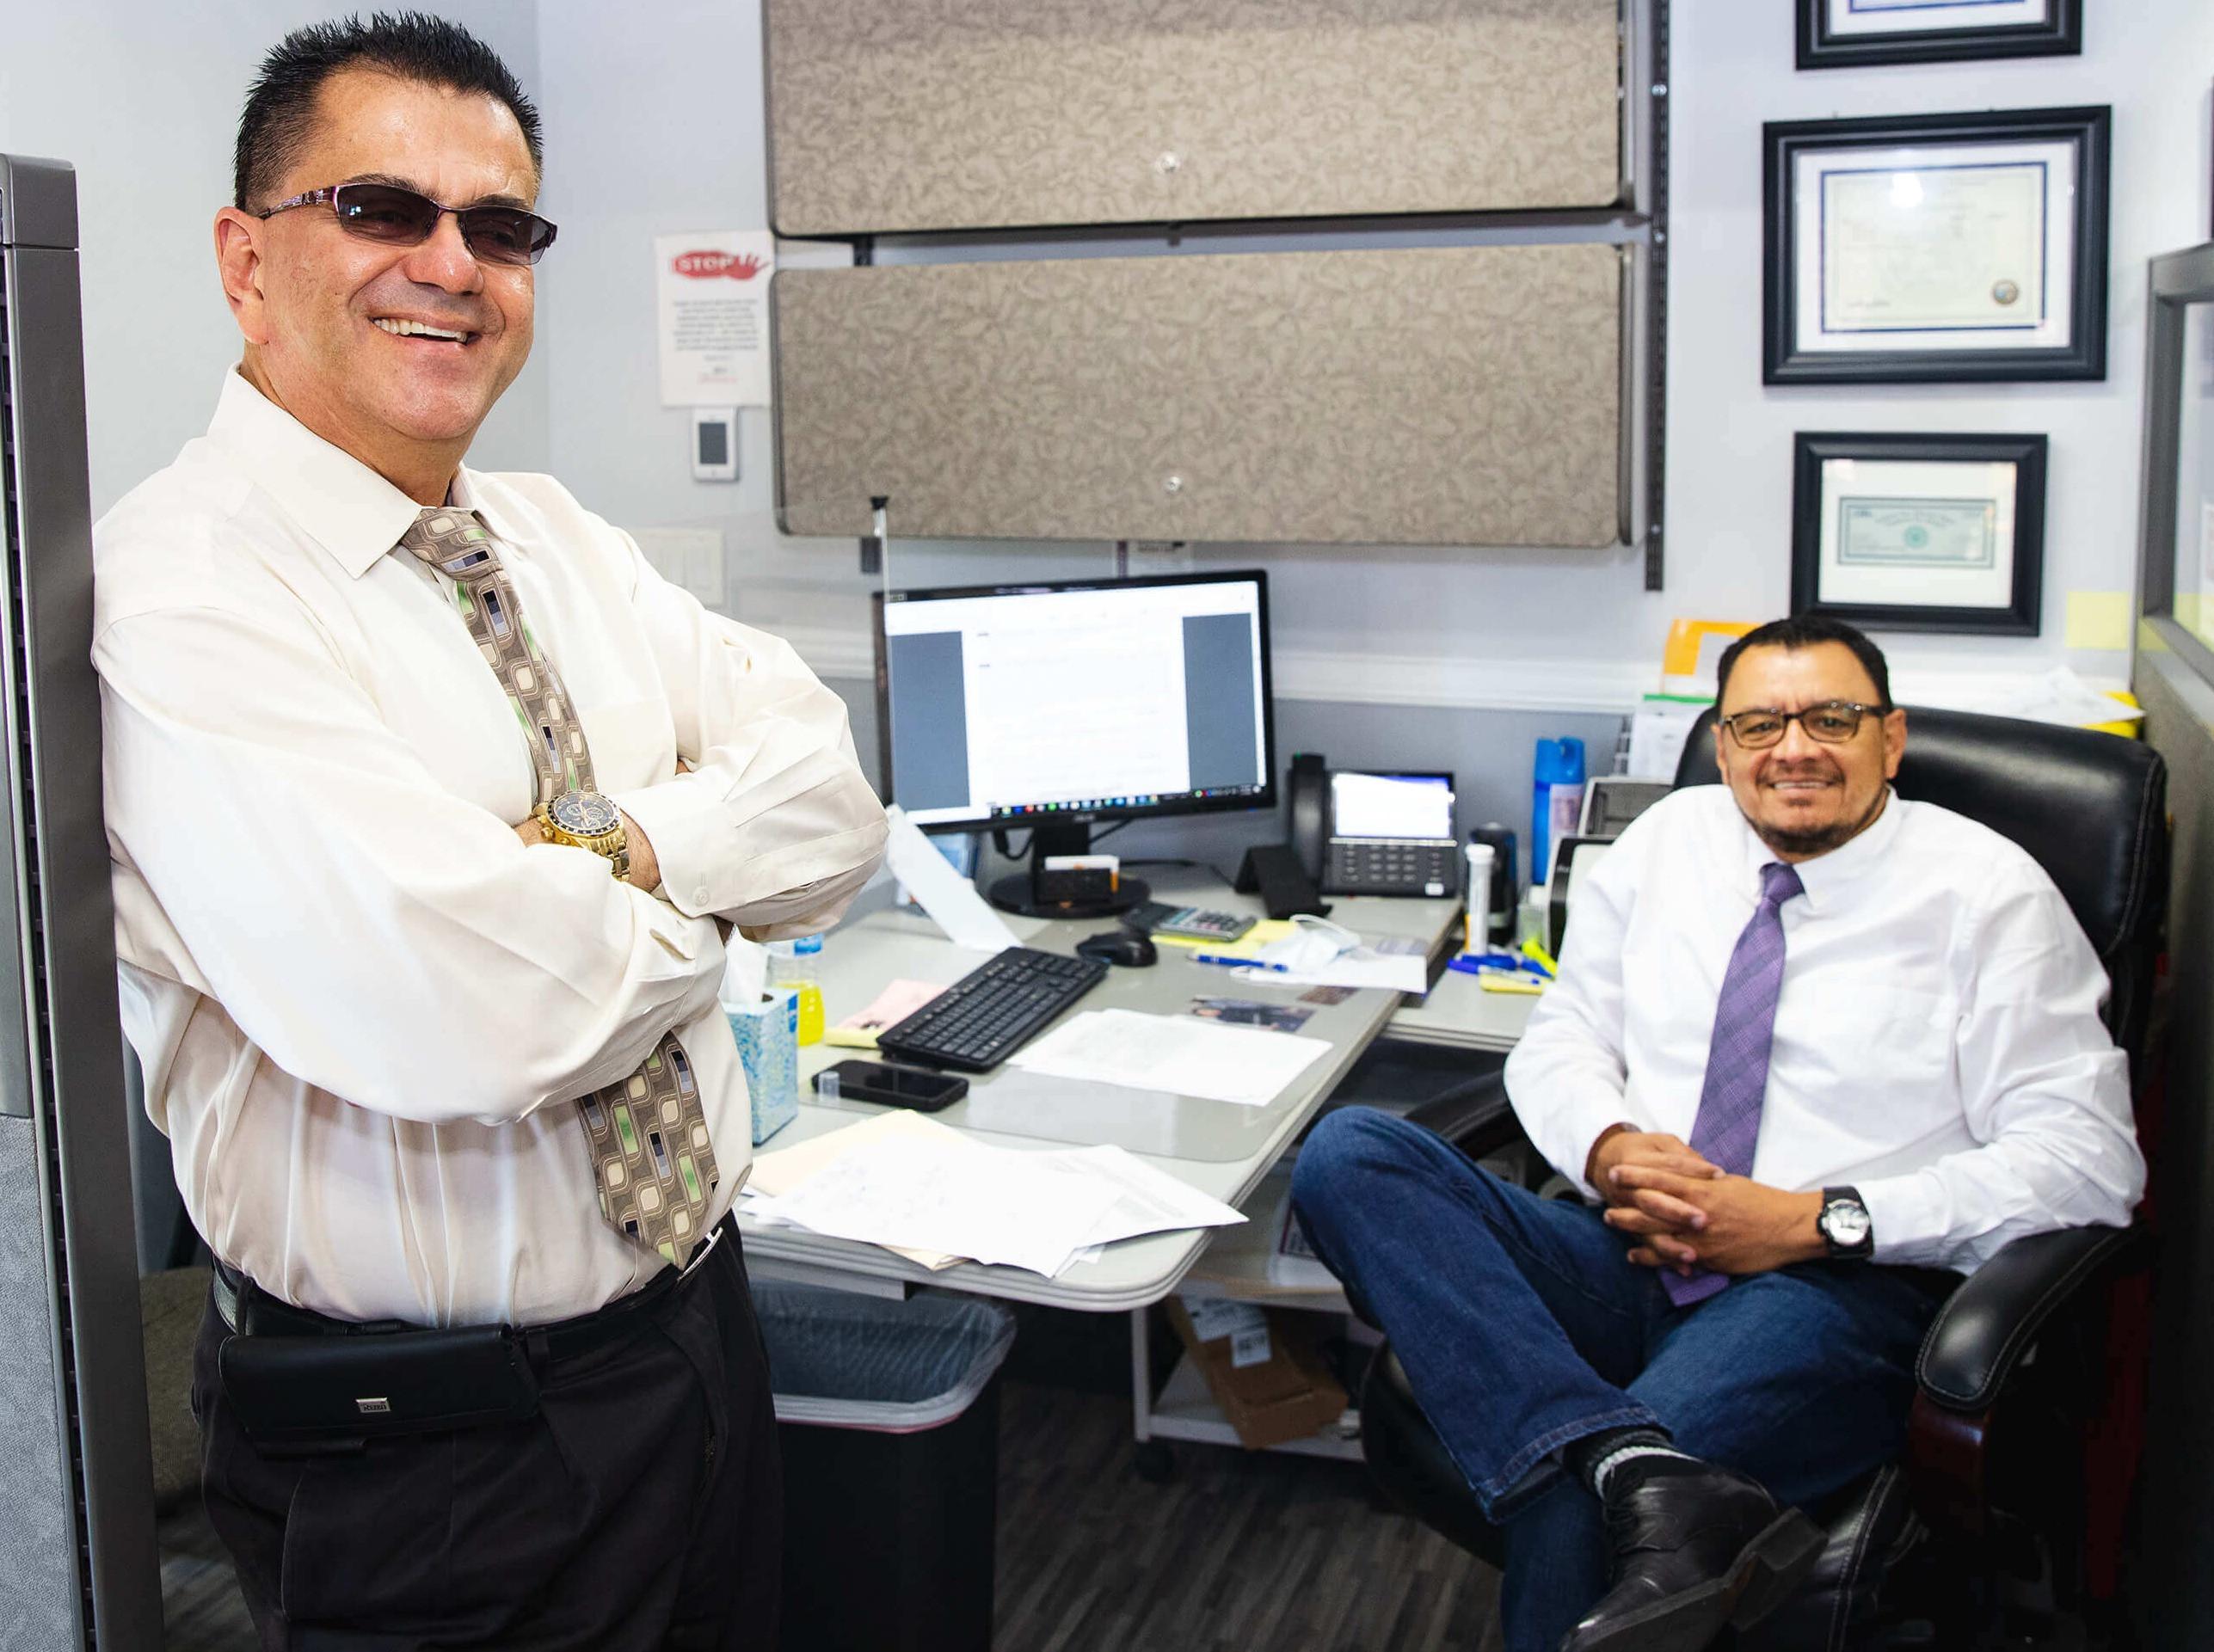 Insurance & SBA/PPP Loan Assistant